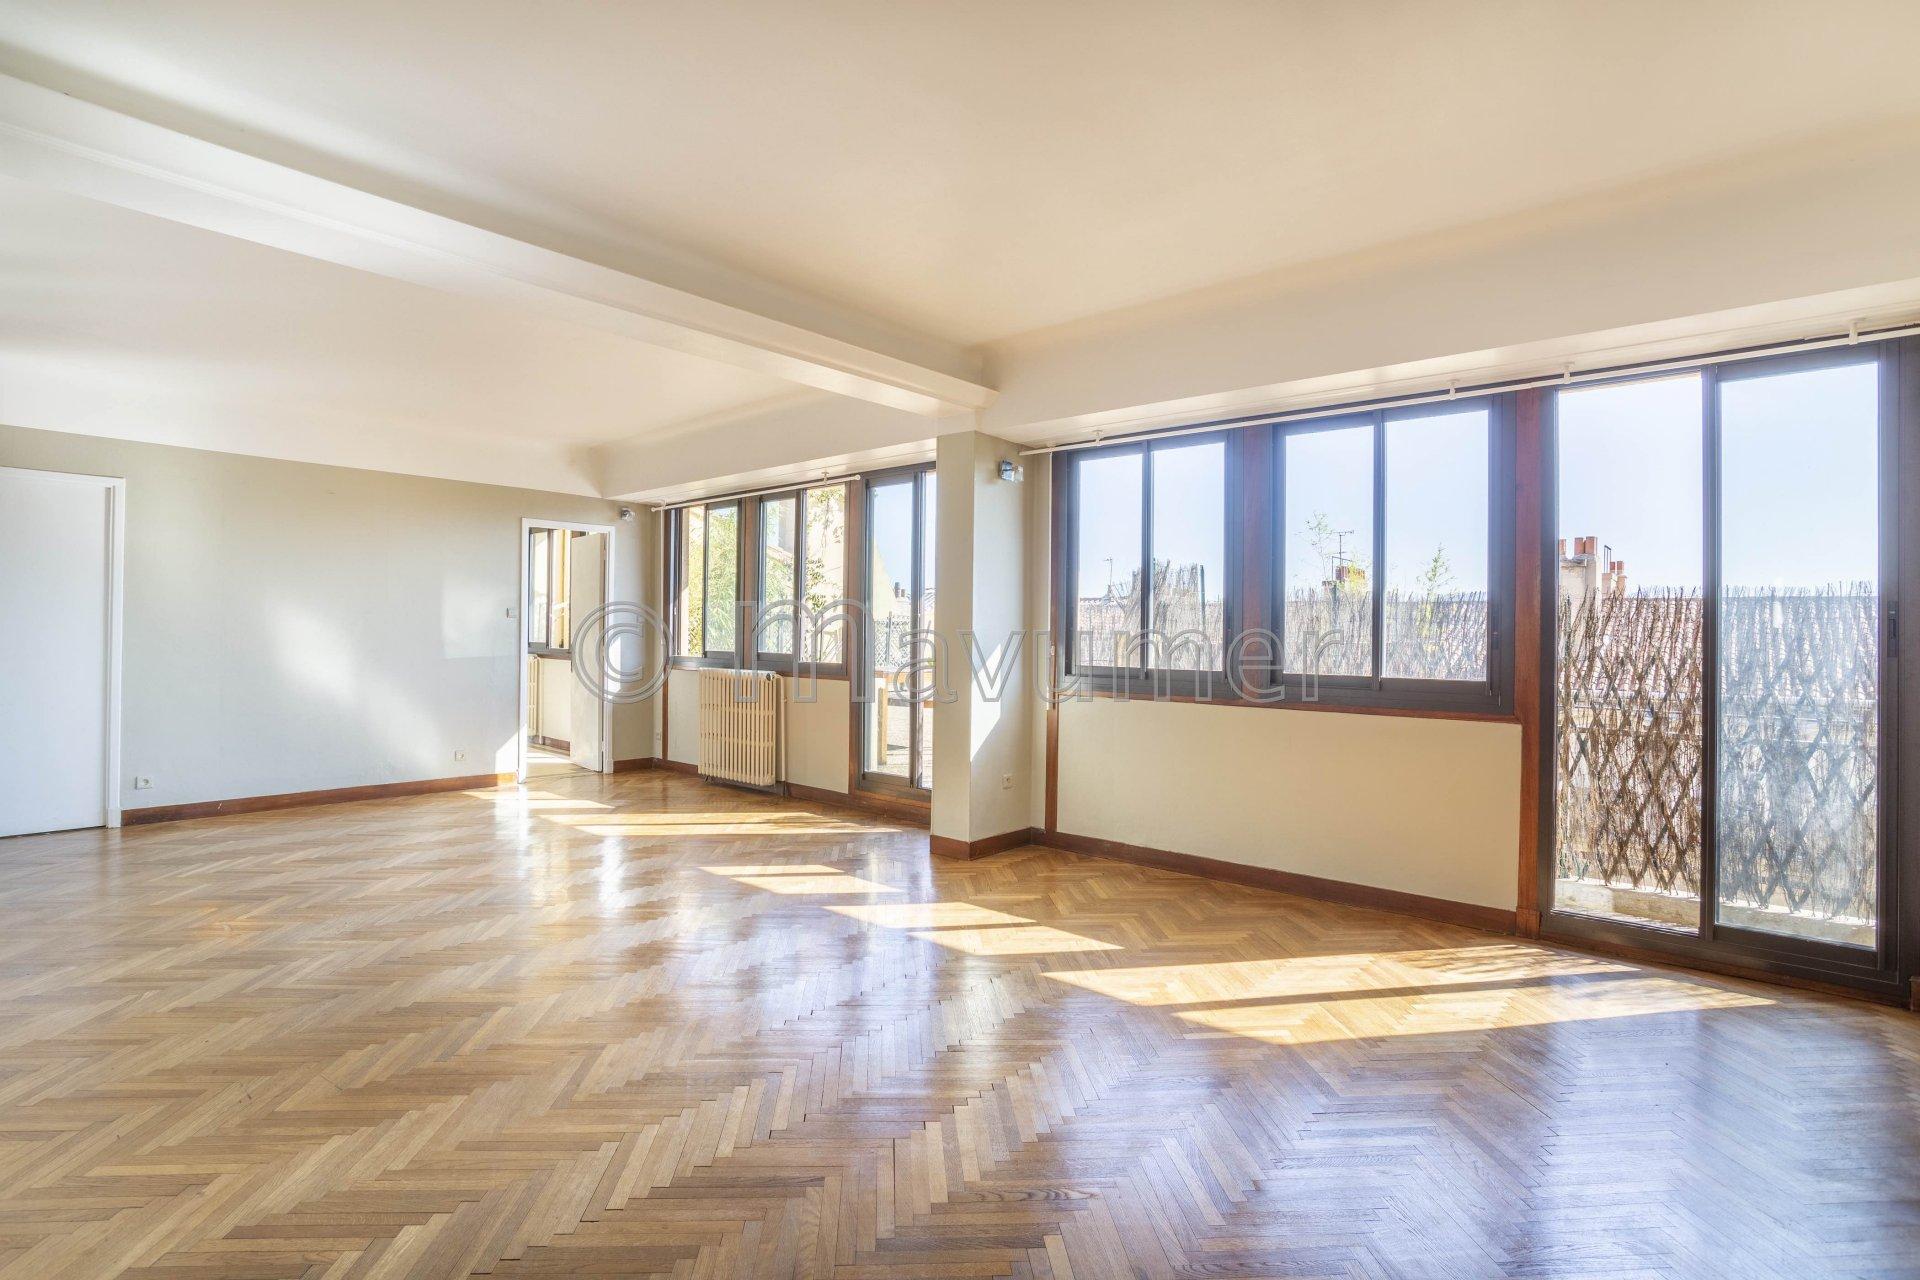 Appartement T6 avec terrasse 80m² - 13006-Paradis/Vauban